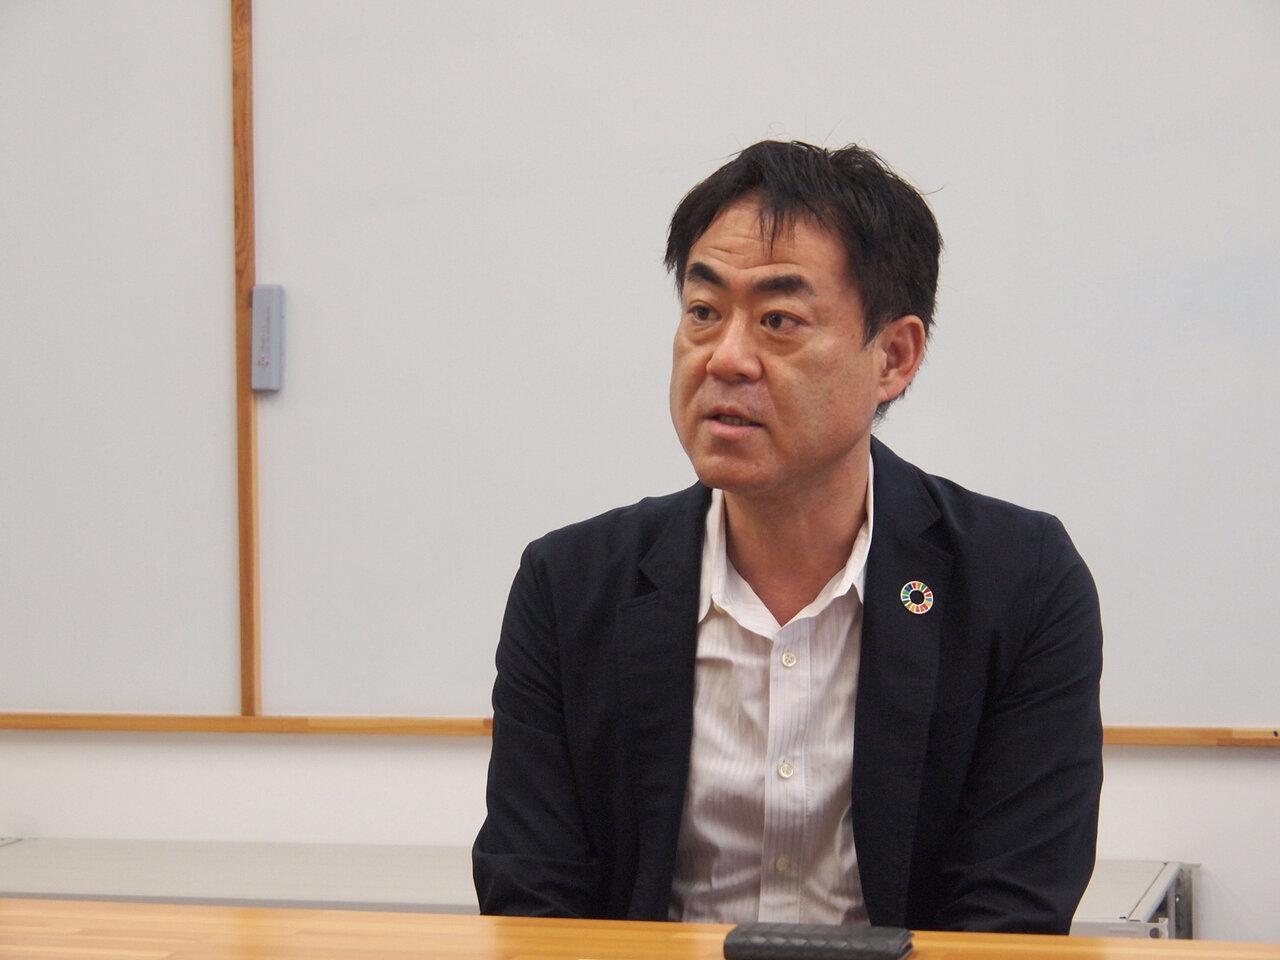 日本カーボンマネジメント株式会社代表取締役社長の佐々木譲さん